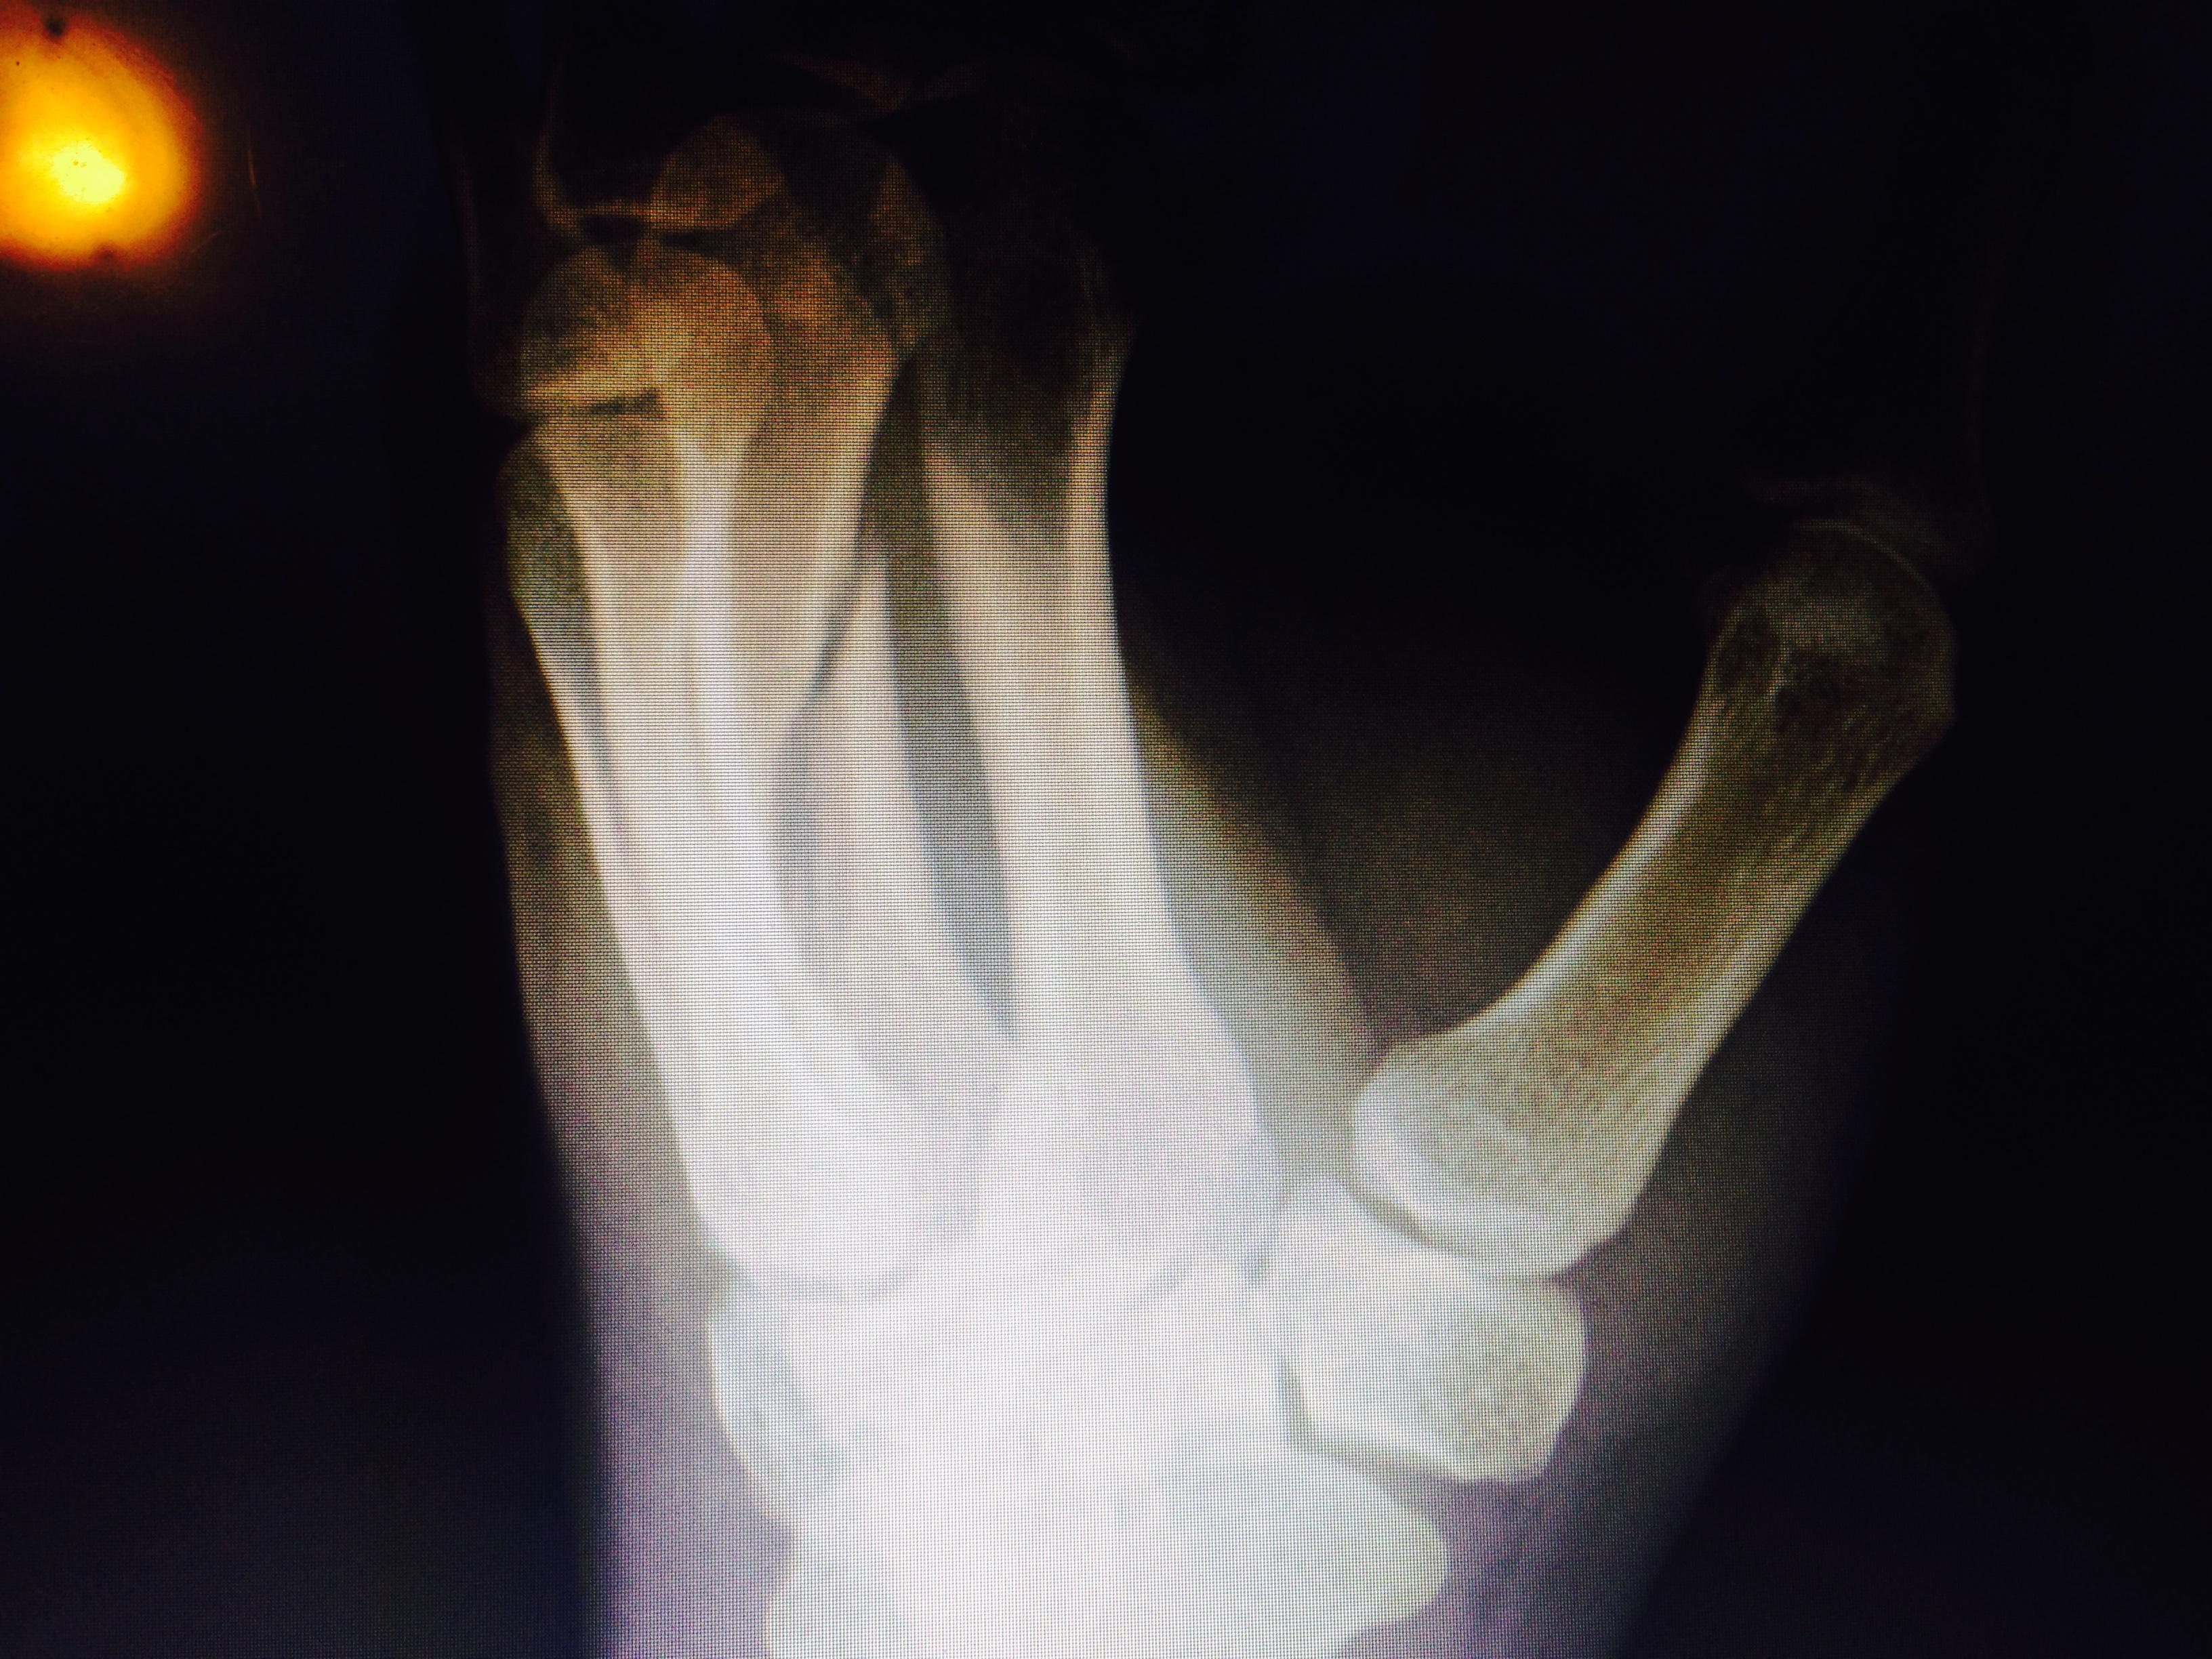 x ray daniel fernandes